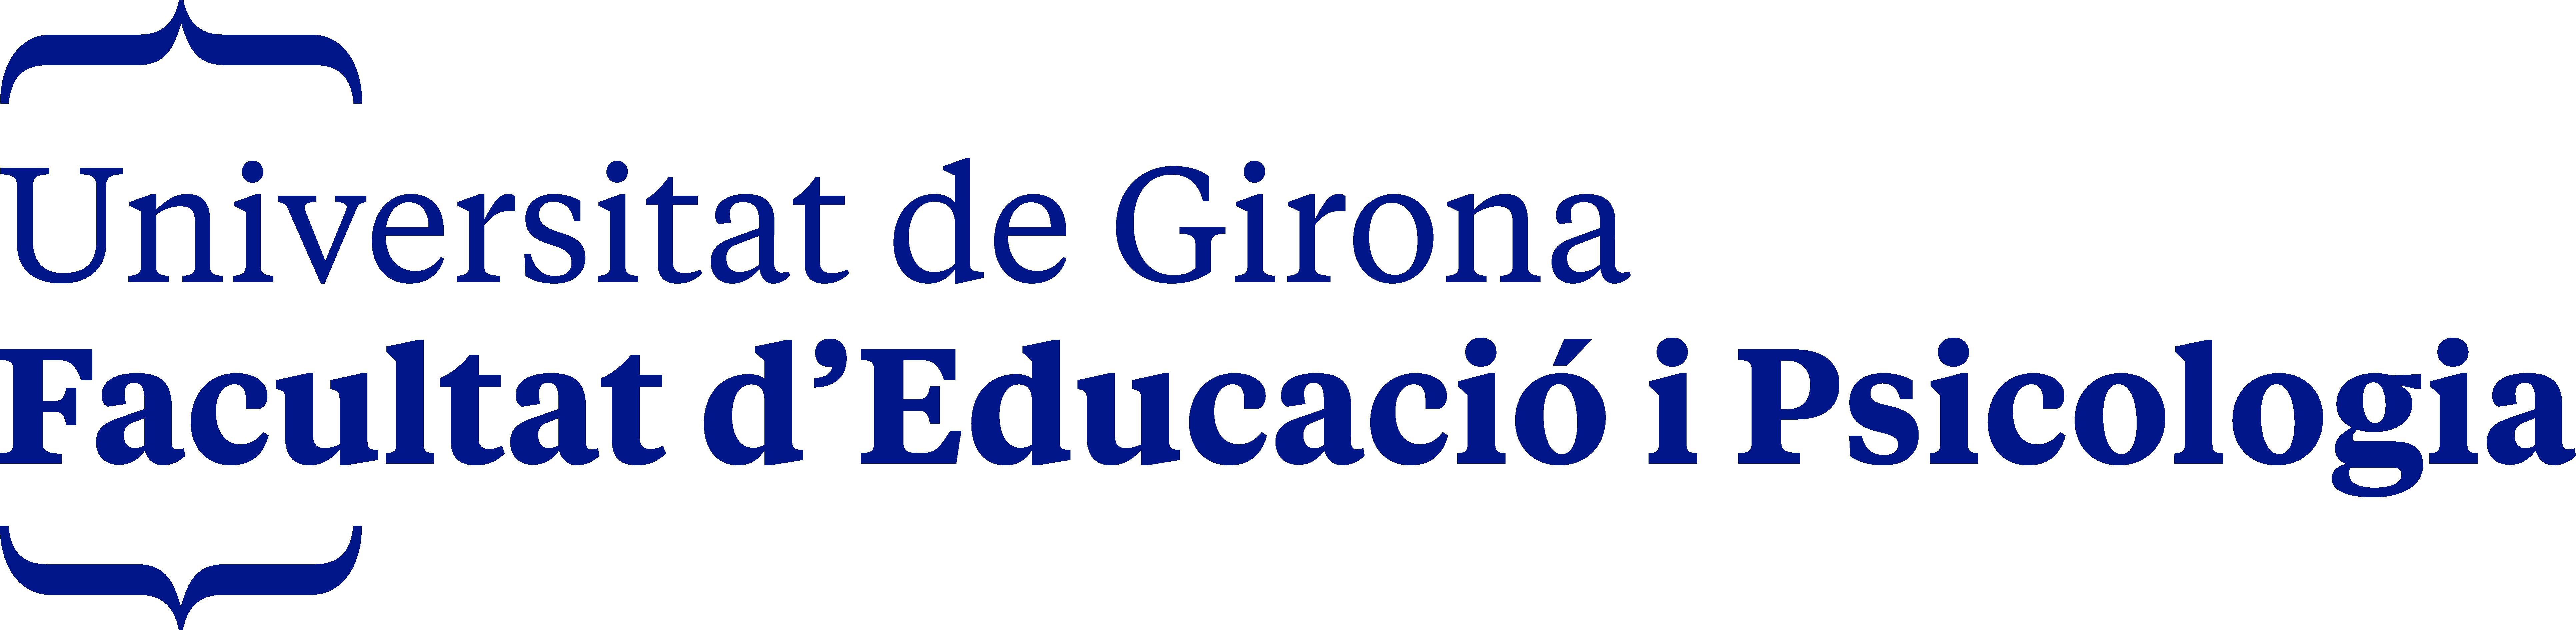 Logotip FEP - UdG